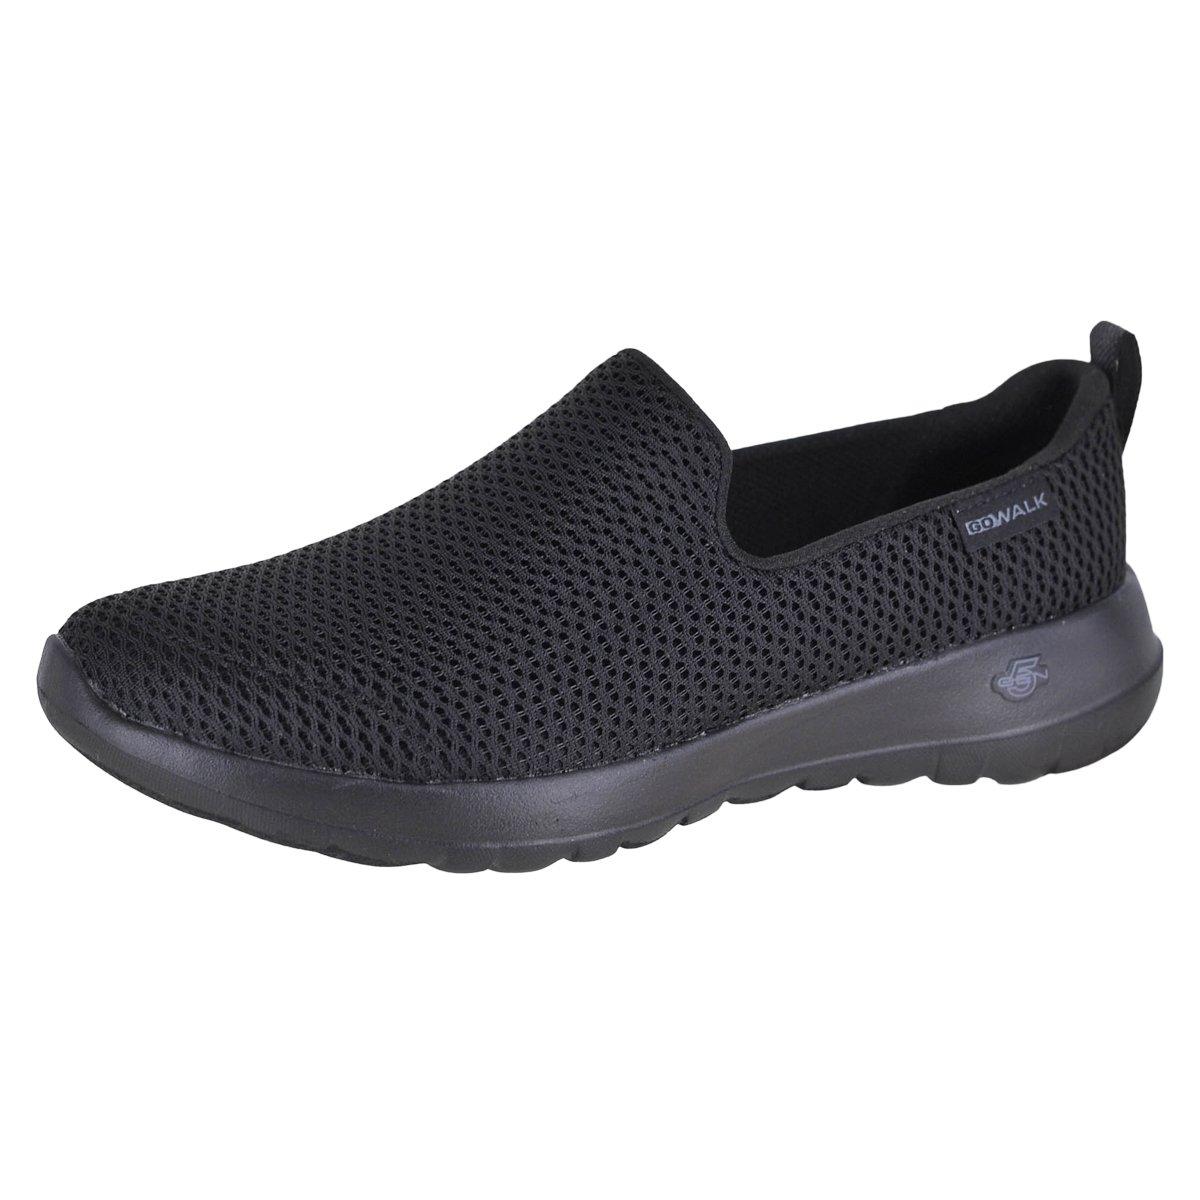 Skechers Performance Women's Go Joy Walking Shoe,Black,9 W US